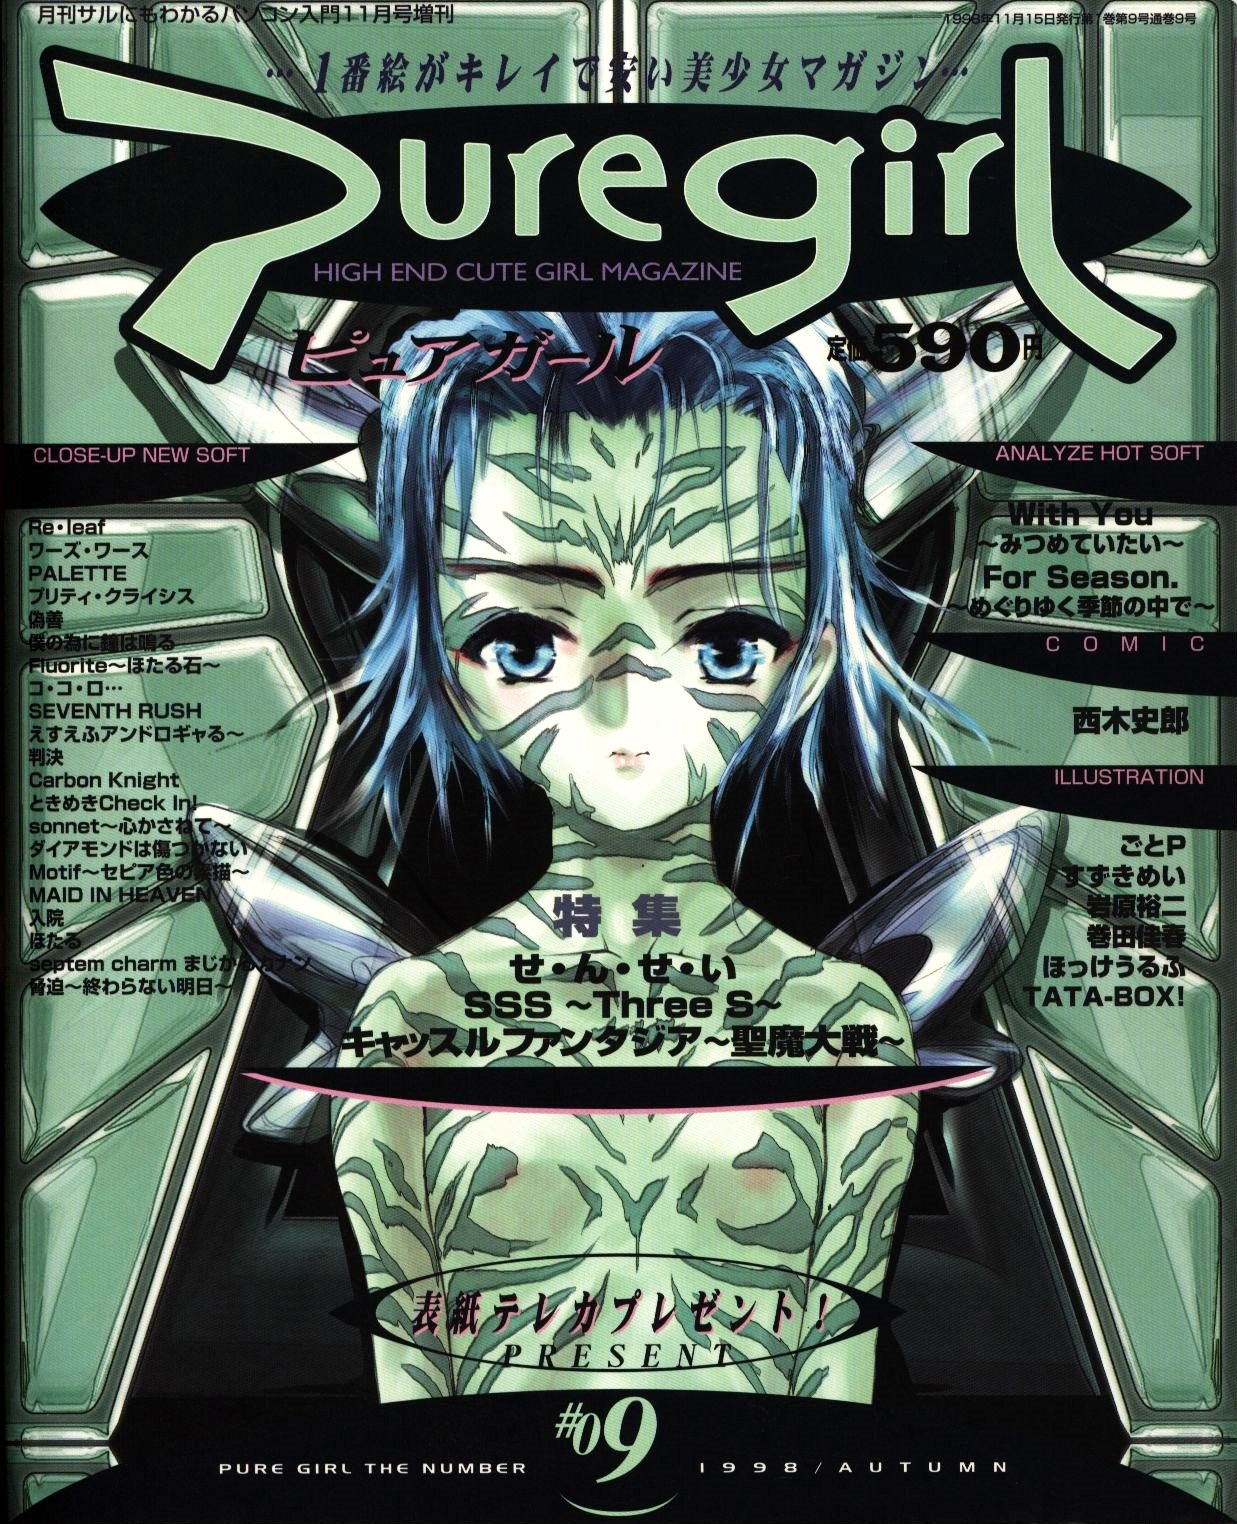 Puregirl 09 (Autumn 1998)